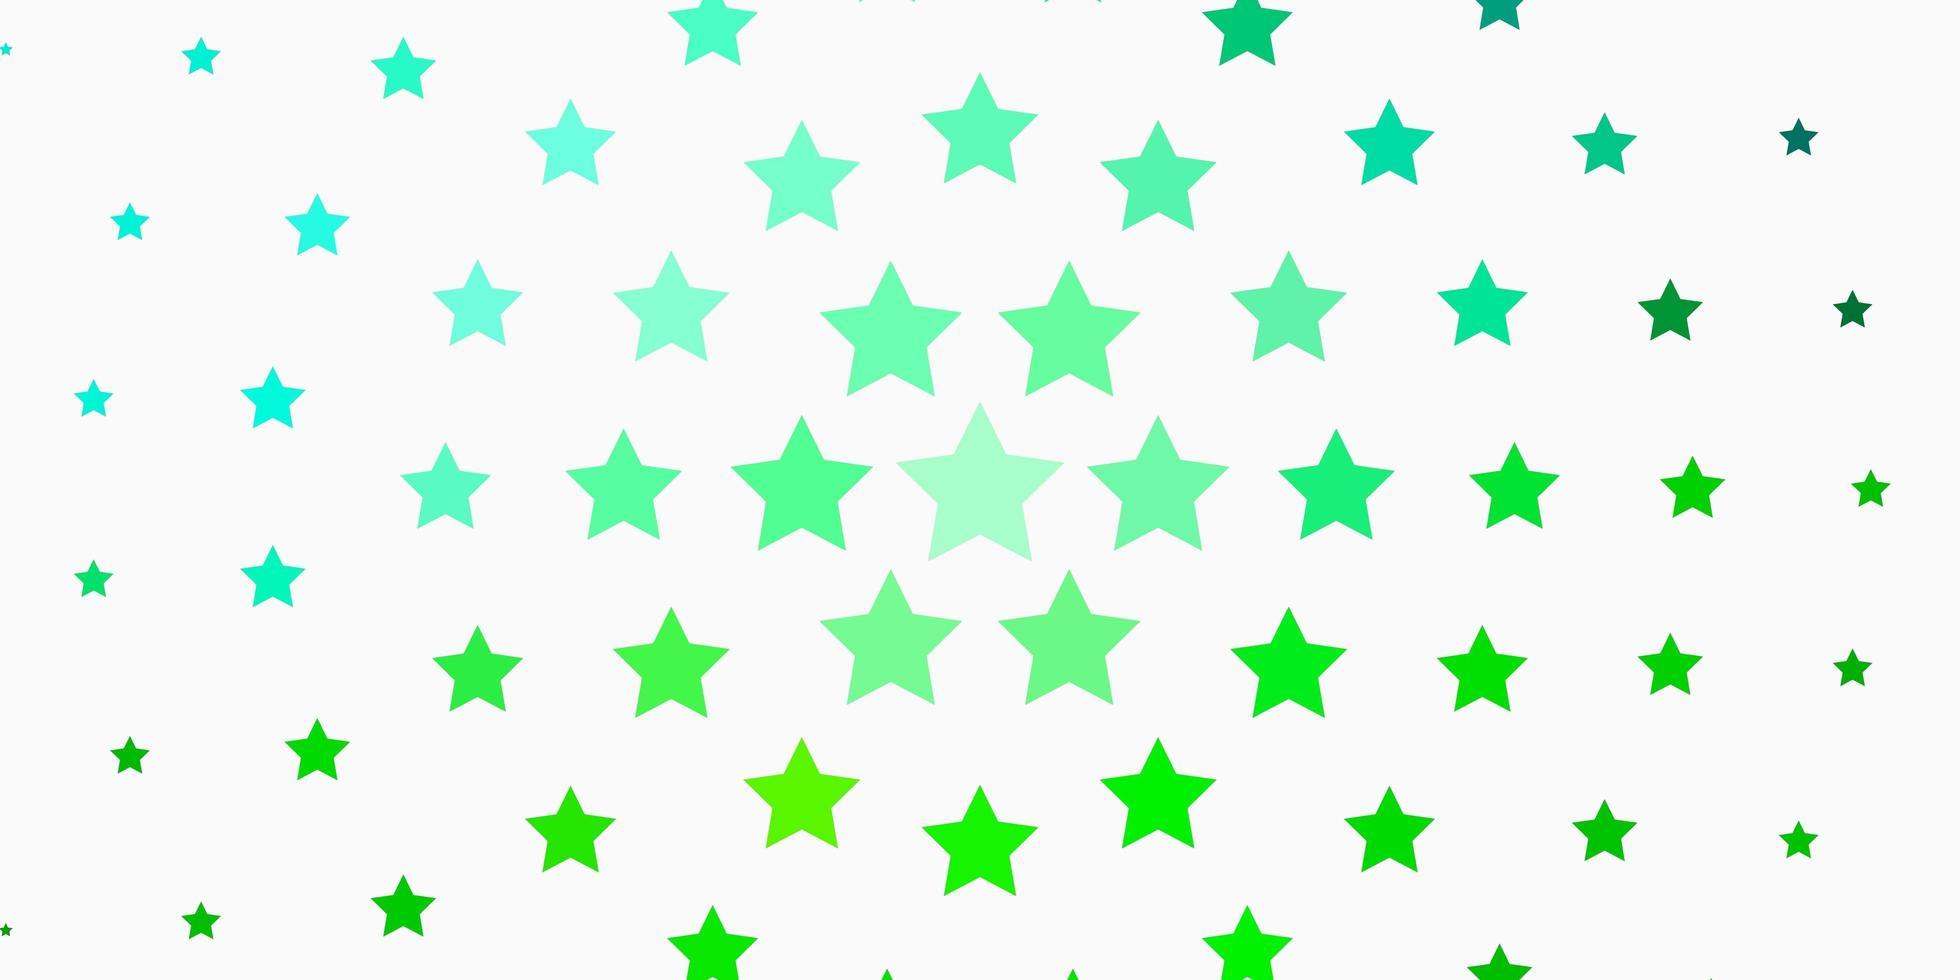 ljusgrön bakgrund med färgglada stjärnor. vektor